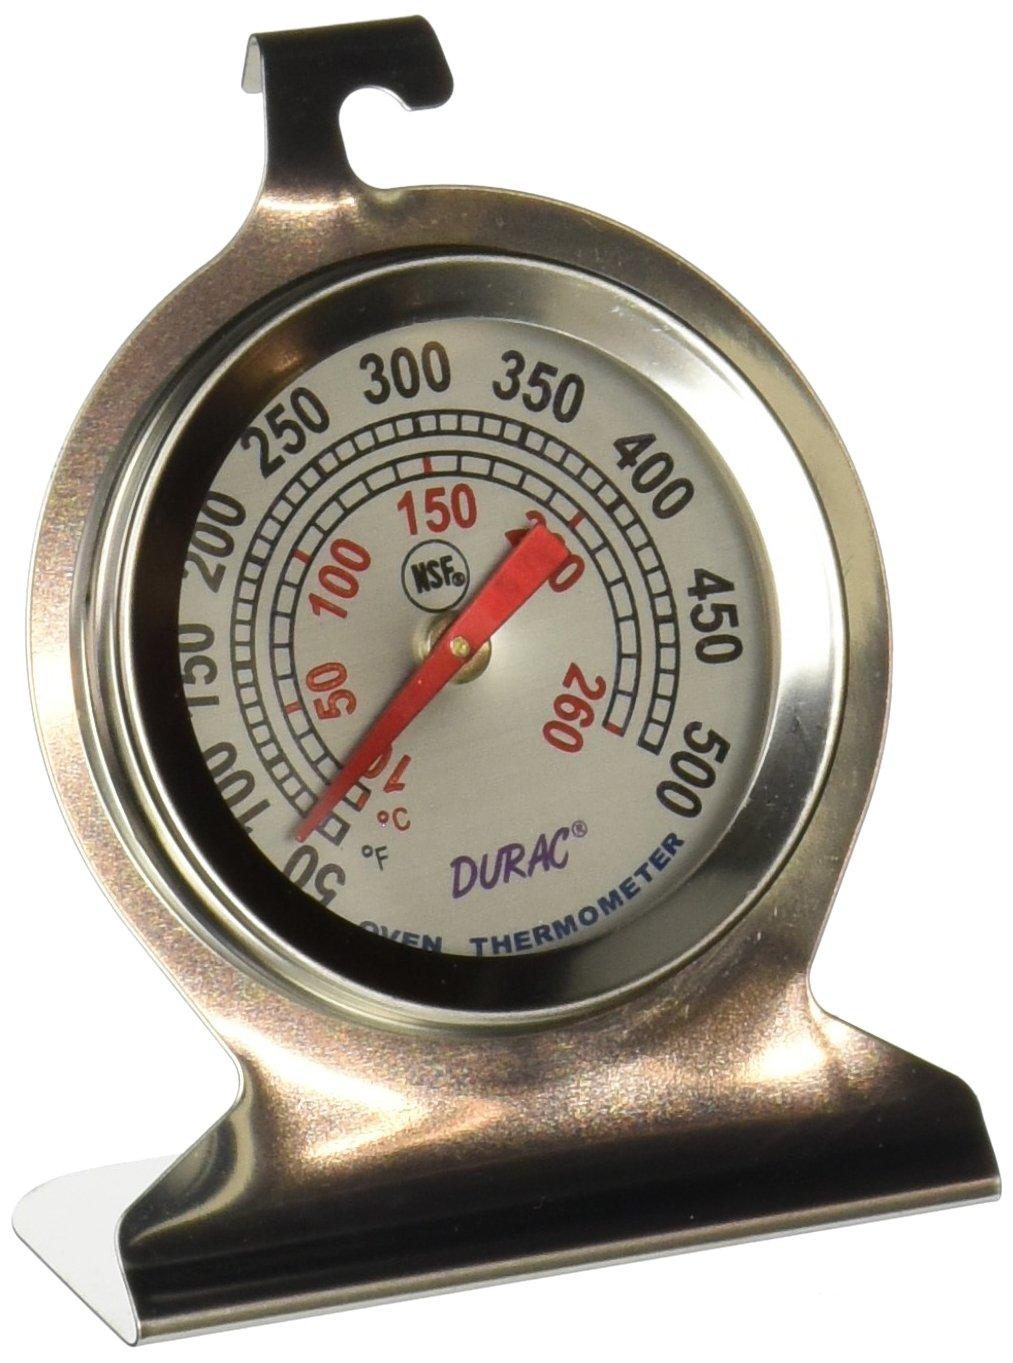 H-B DURAC Bi-Metallic Oven Thermometer; 10 to 260C (50 to 500F) (B61320-2000)